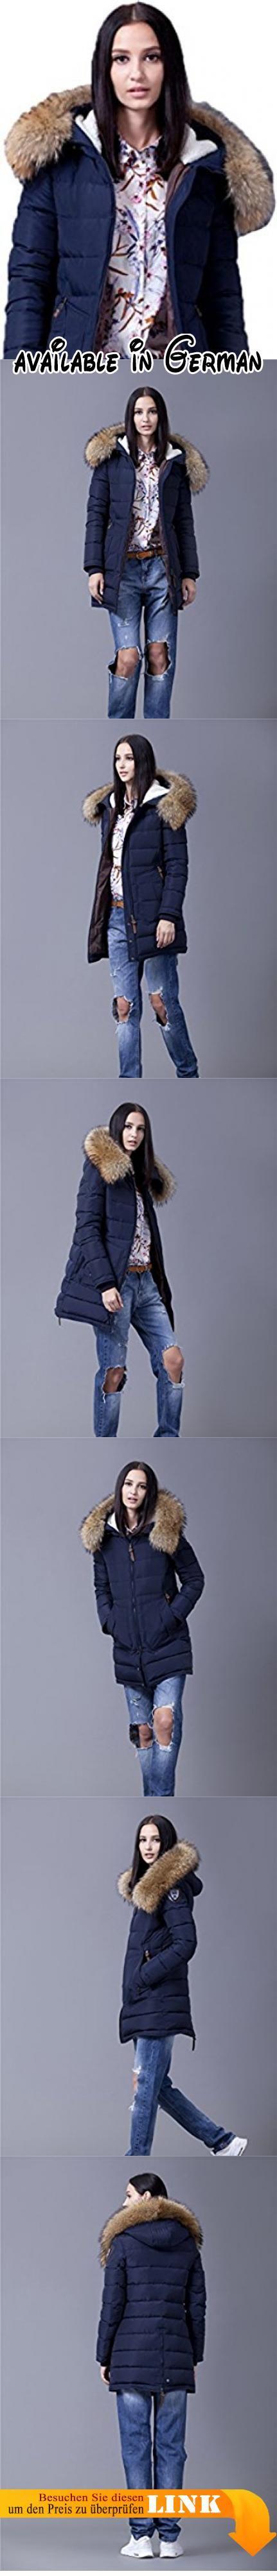 Sunrolan Damen Mantel Daunenmantel Steppmantel Wintermantel Daunen ng mit Kapuze Echtes Fell Dunkelblau XL. Material Füllung: 70% Daunen, 30% Federn. Detail Kapuze: unabnehmbare Kapuze, abnehmbares echtes Fellkragen. Taschen: zwei Außentaschen. Leicht tailliert, nicht wasserdicht. Hinweis: um die passende Größe auszuwählen, überprüfen Sie bitte Größentabelle in der Produktebeschreibung! #Apparel #OUTERWEAR